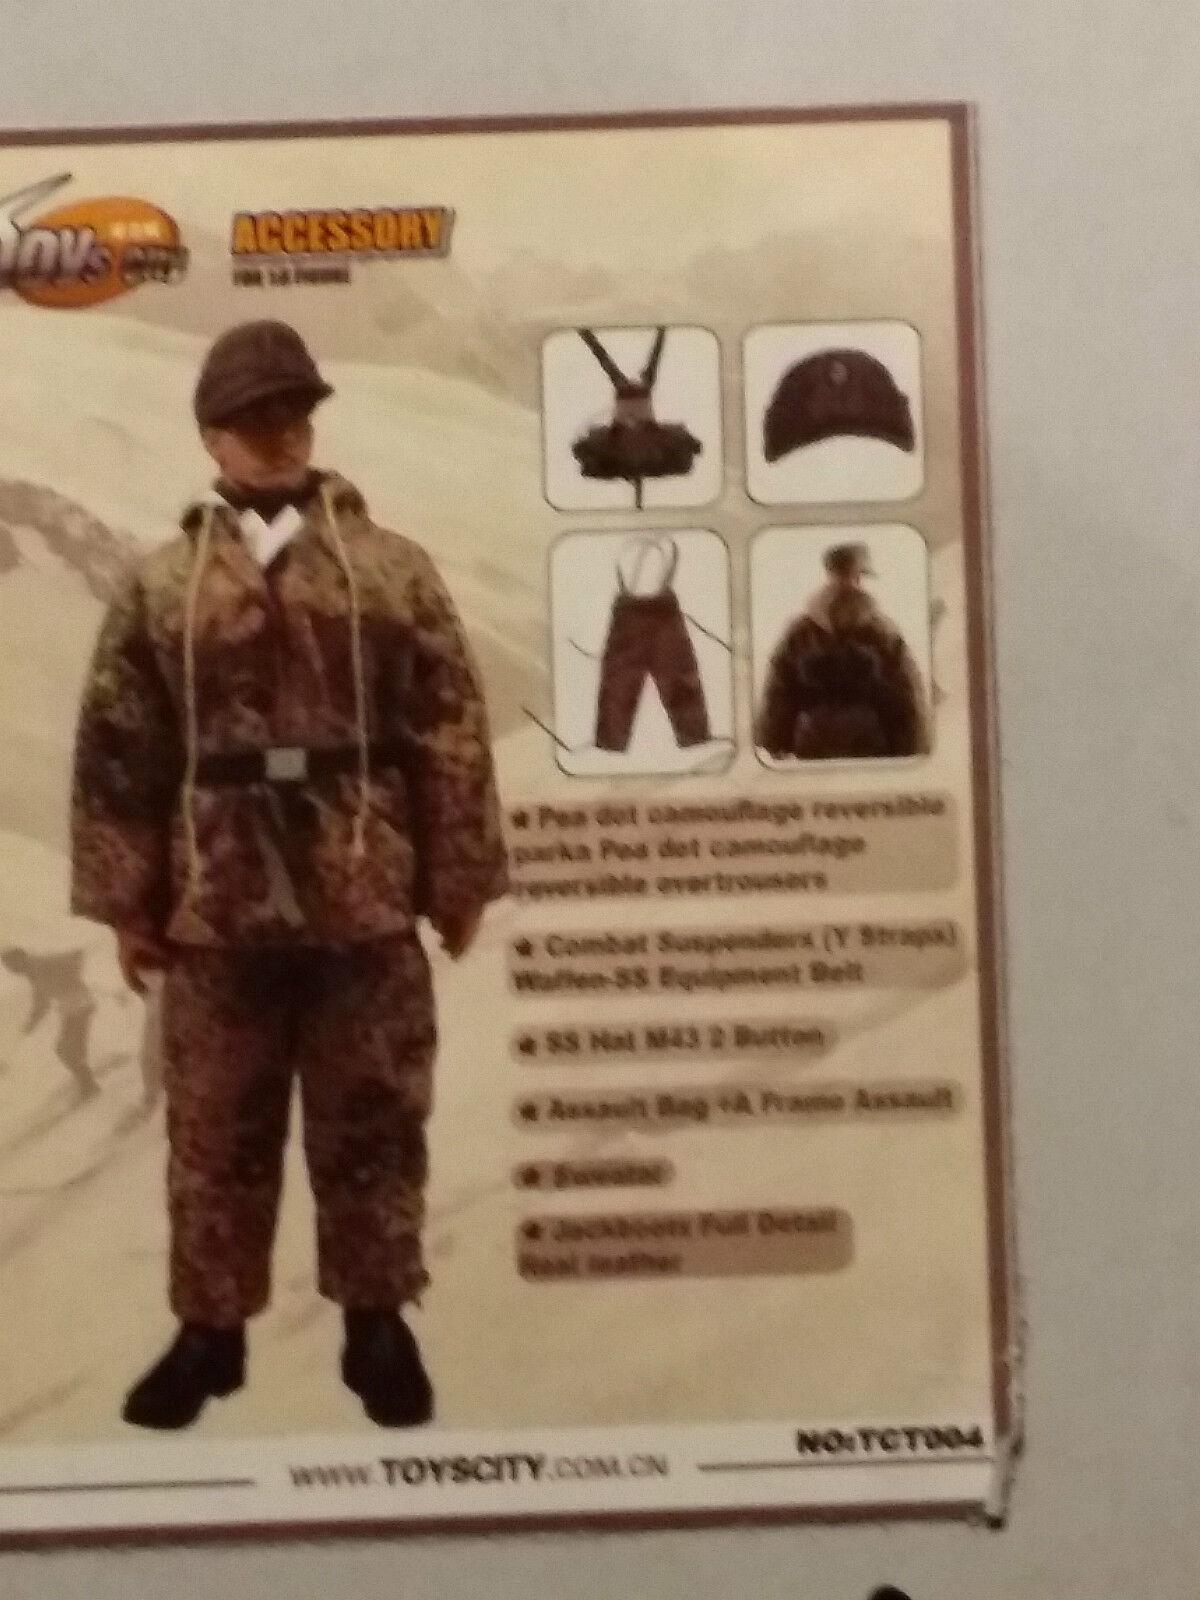 1 6 Toys City Camo Set 6004 Peadots - Dragon Soldier Story Cal Tek 12 pouces